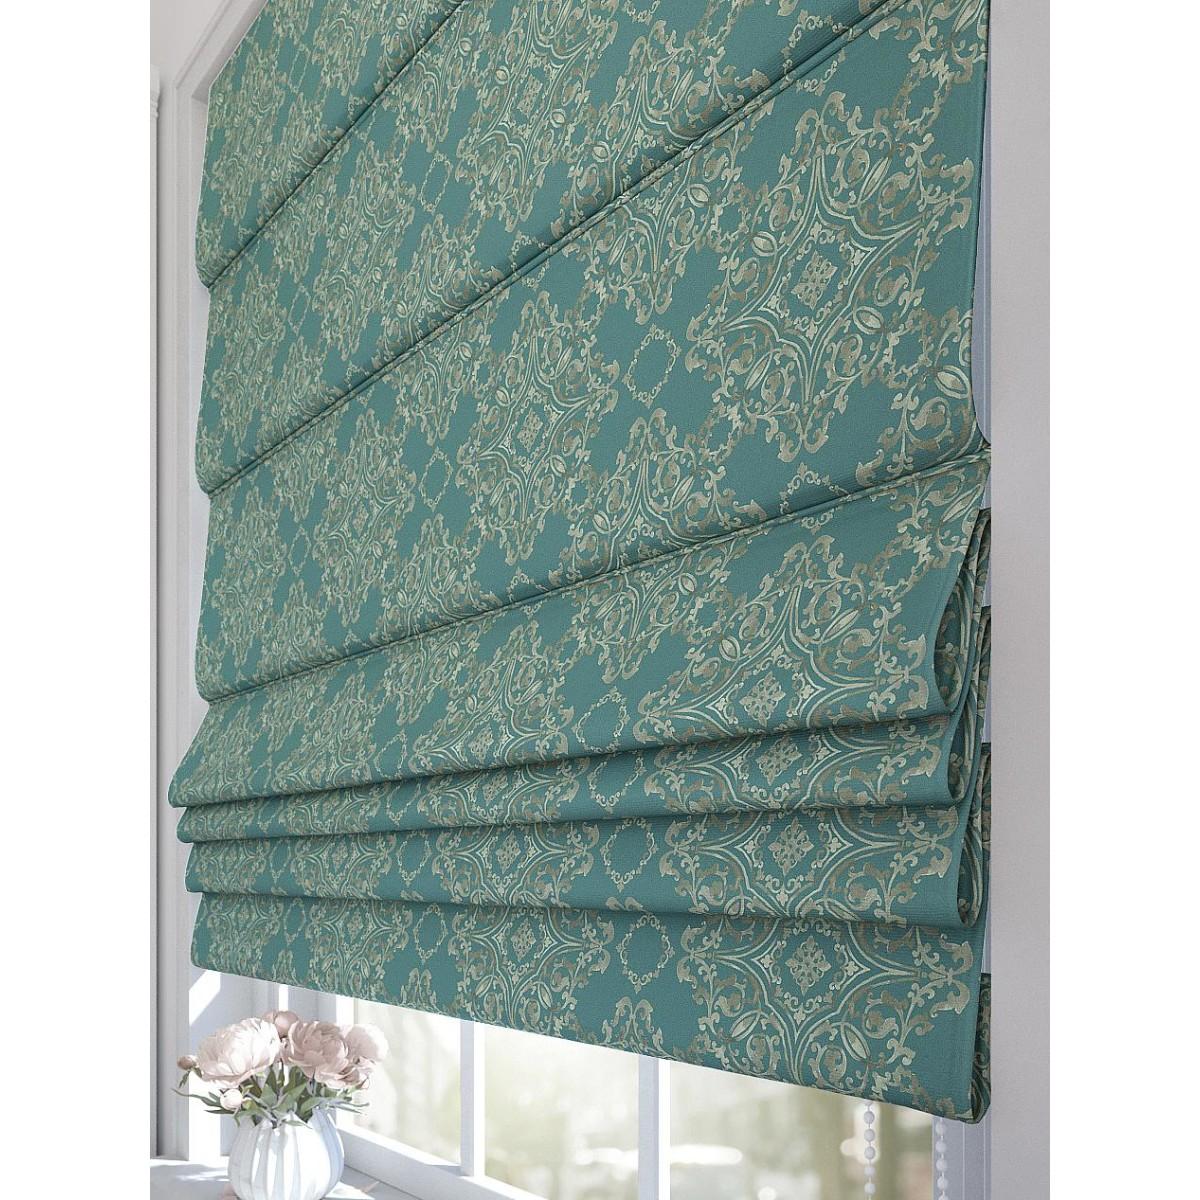 Римская штора ТомДом Паулени 999077-002 170 см